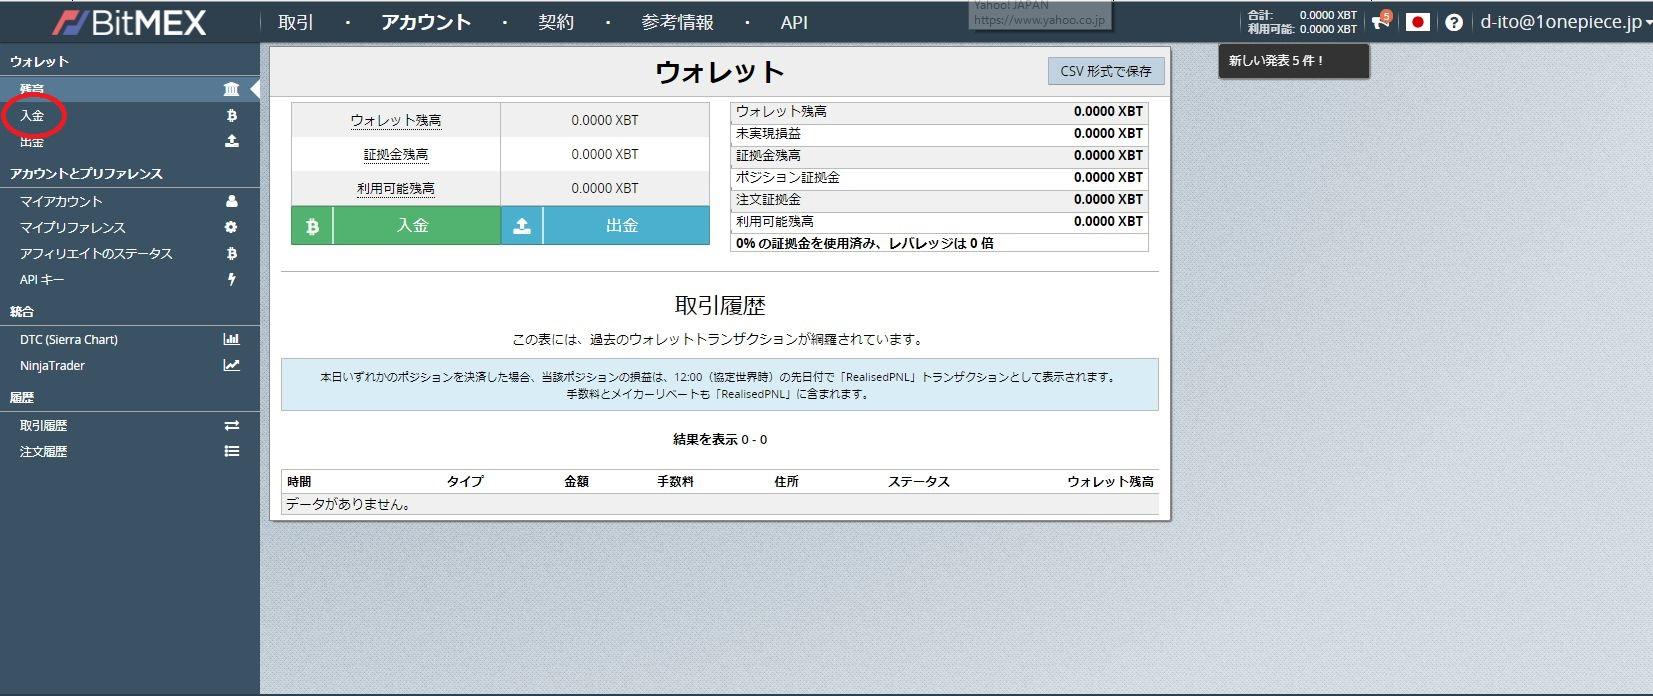 BITMEX登録5